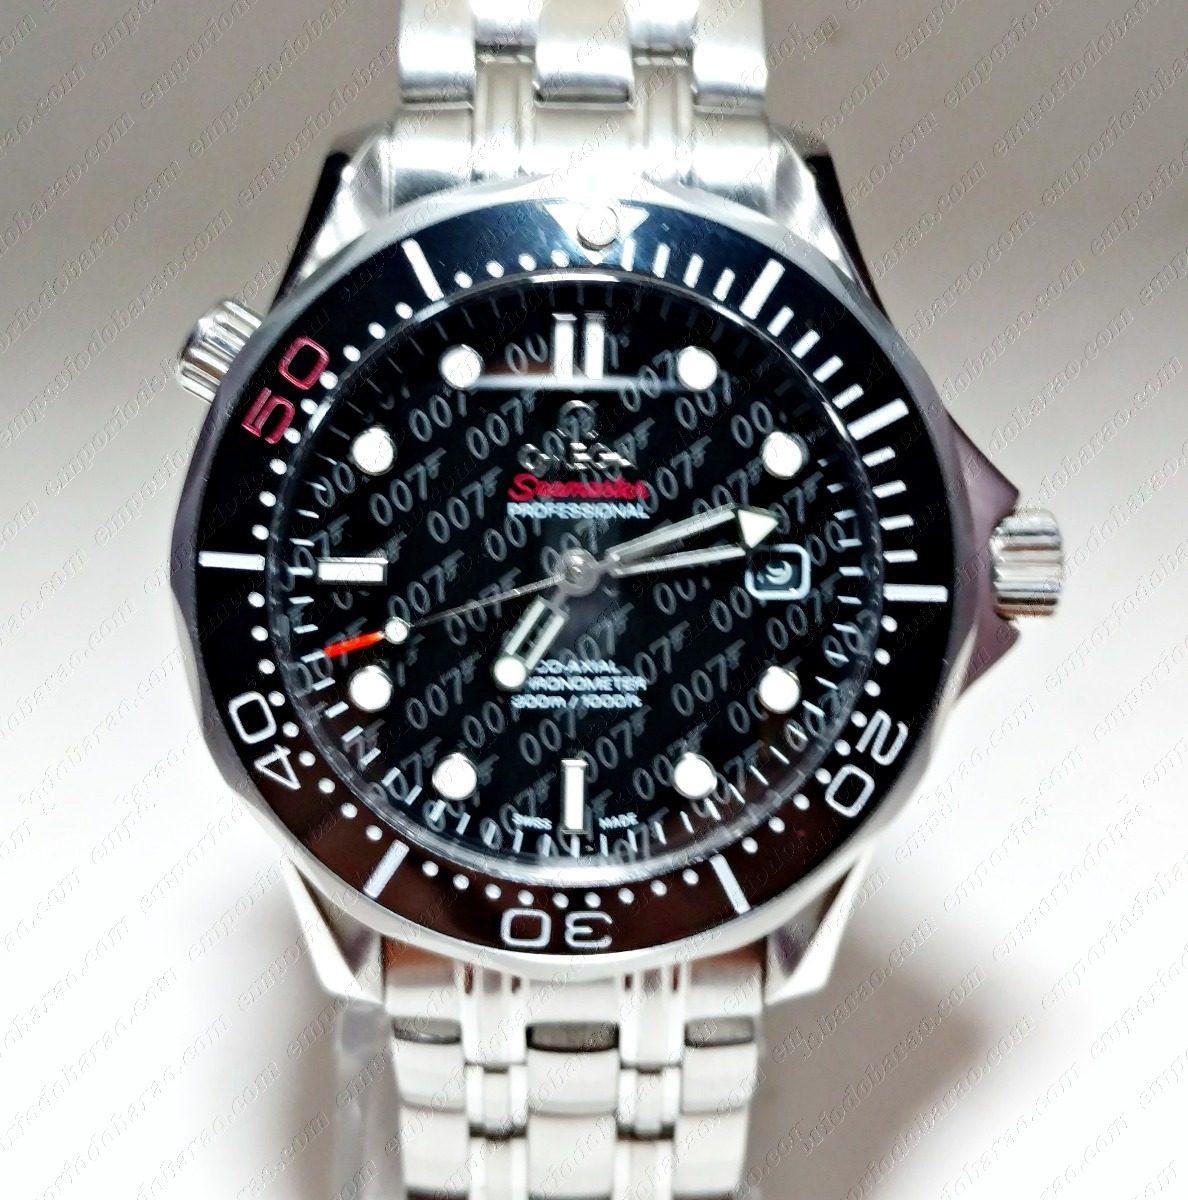 265302b16d4 relógio mod. seamaster 007 omega 50th llimited edition. Carregando zoom.